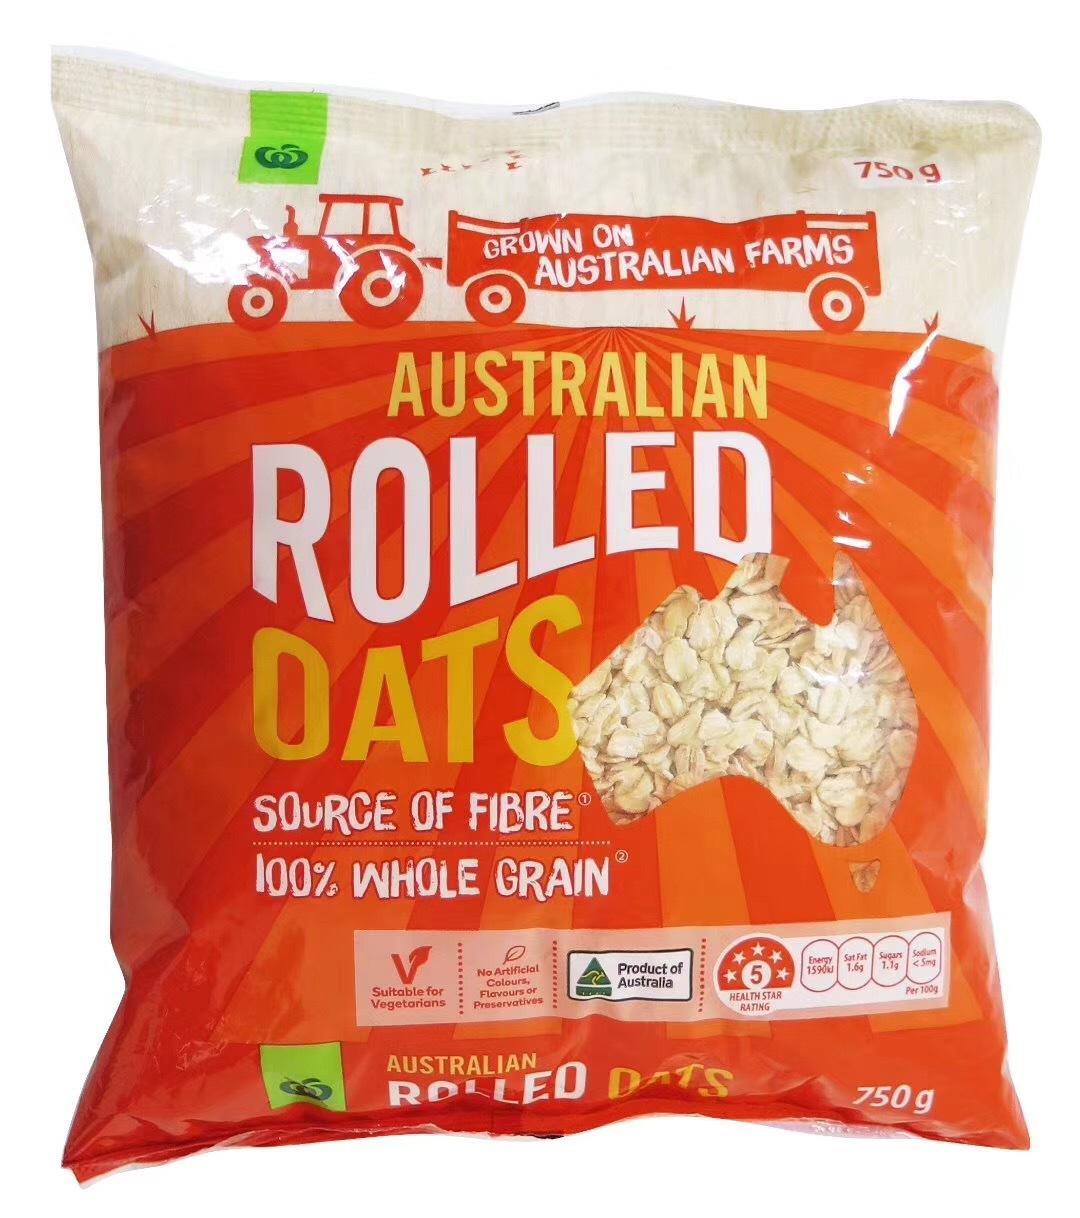 澳大利亚原装进口 沃尔沃斯燕麦片传统燕麦片快熟燕麦片750g*13g